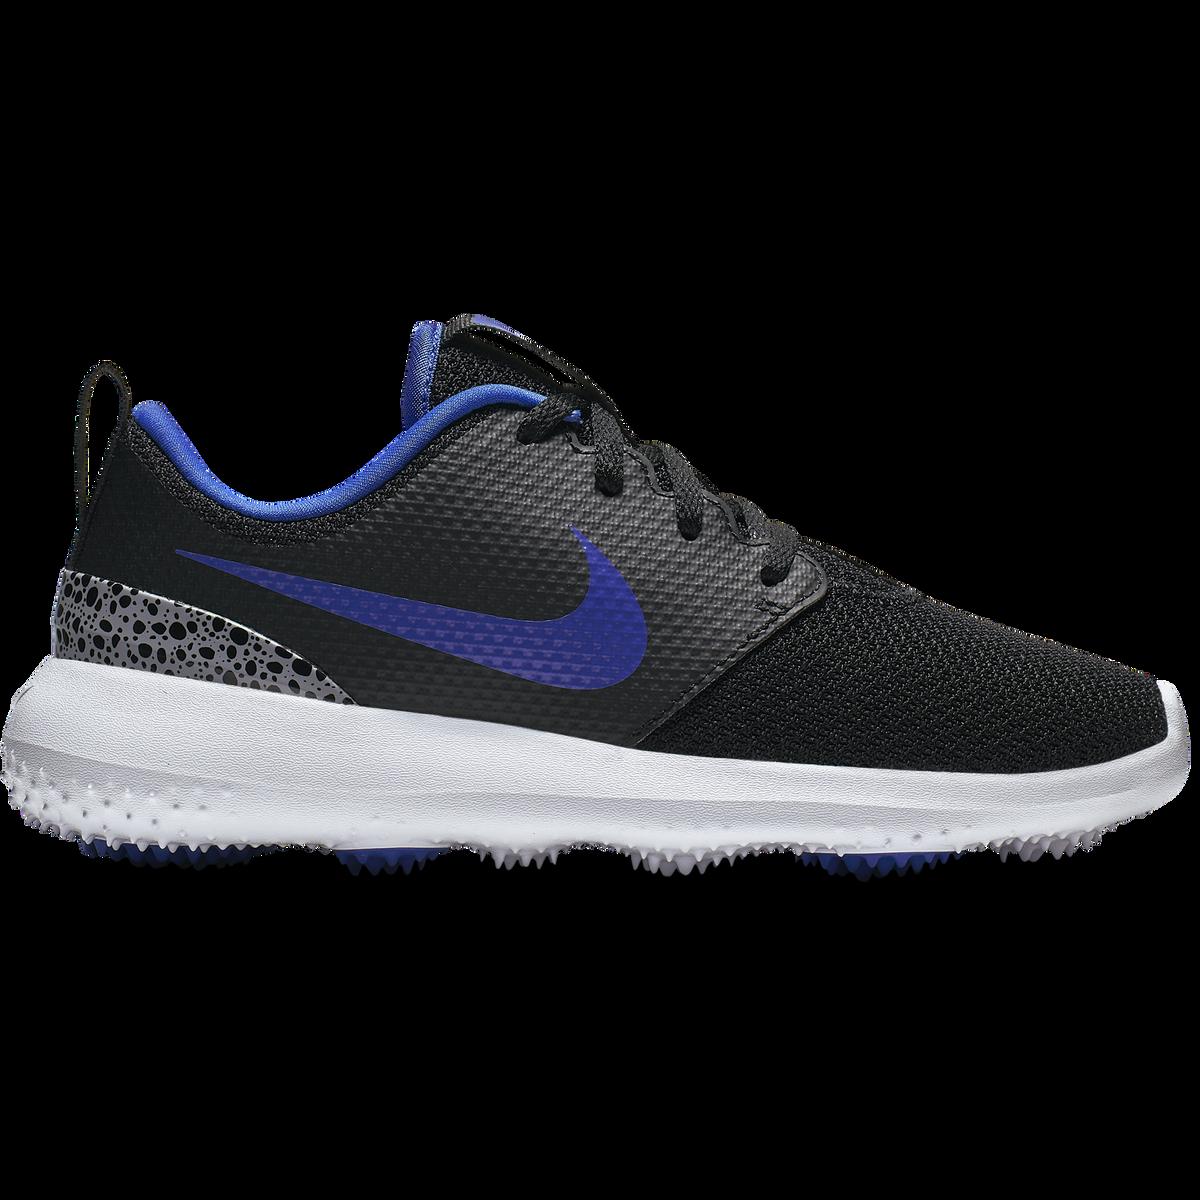 low priced 7c178 1aff2 Images. Roshe G Jr. Golf Shoe ...